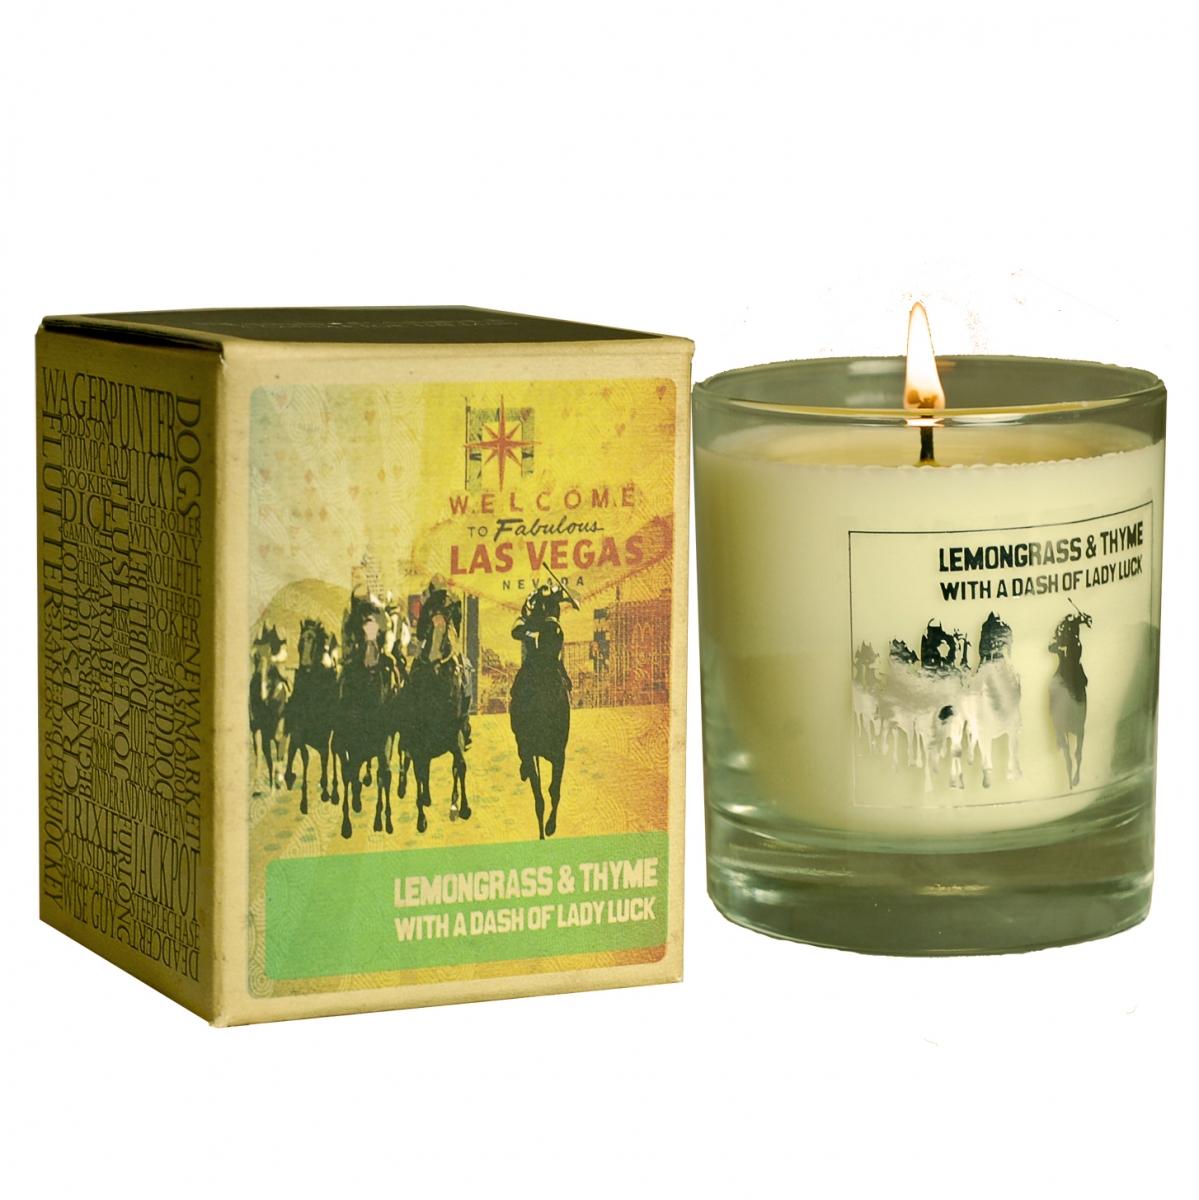 Vonná svíčka Canova Mans Candle - citronová tráva a tymián